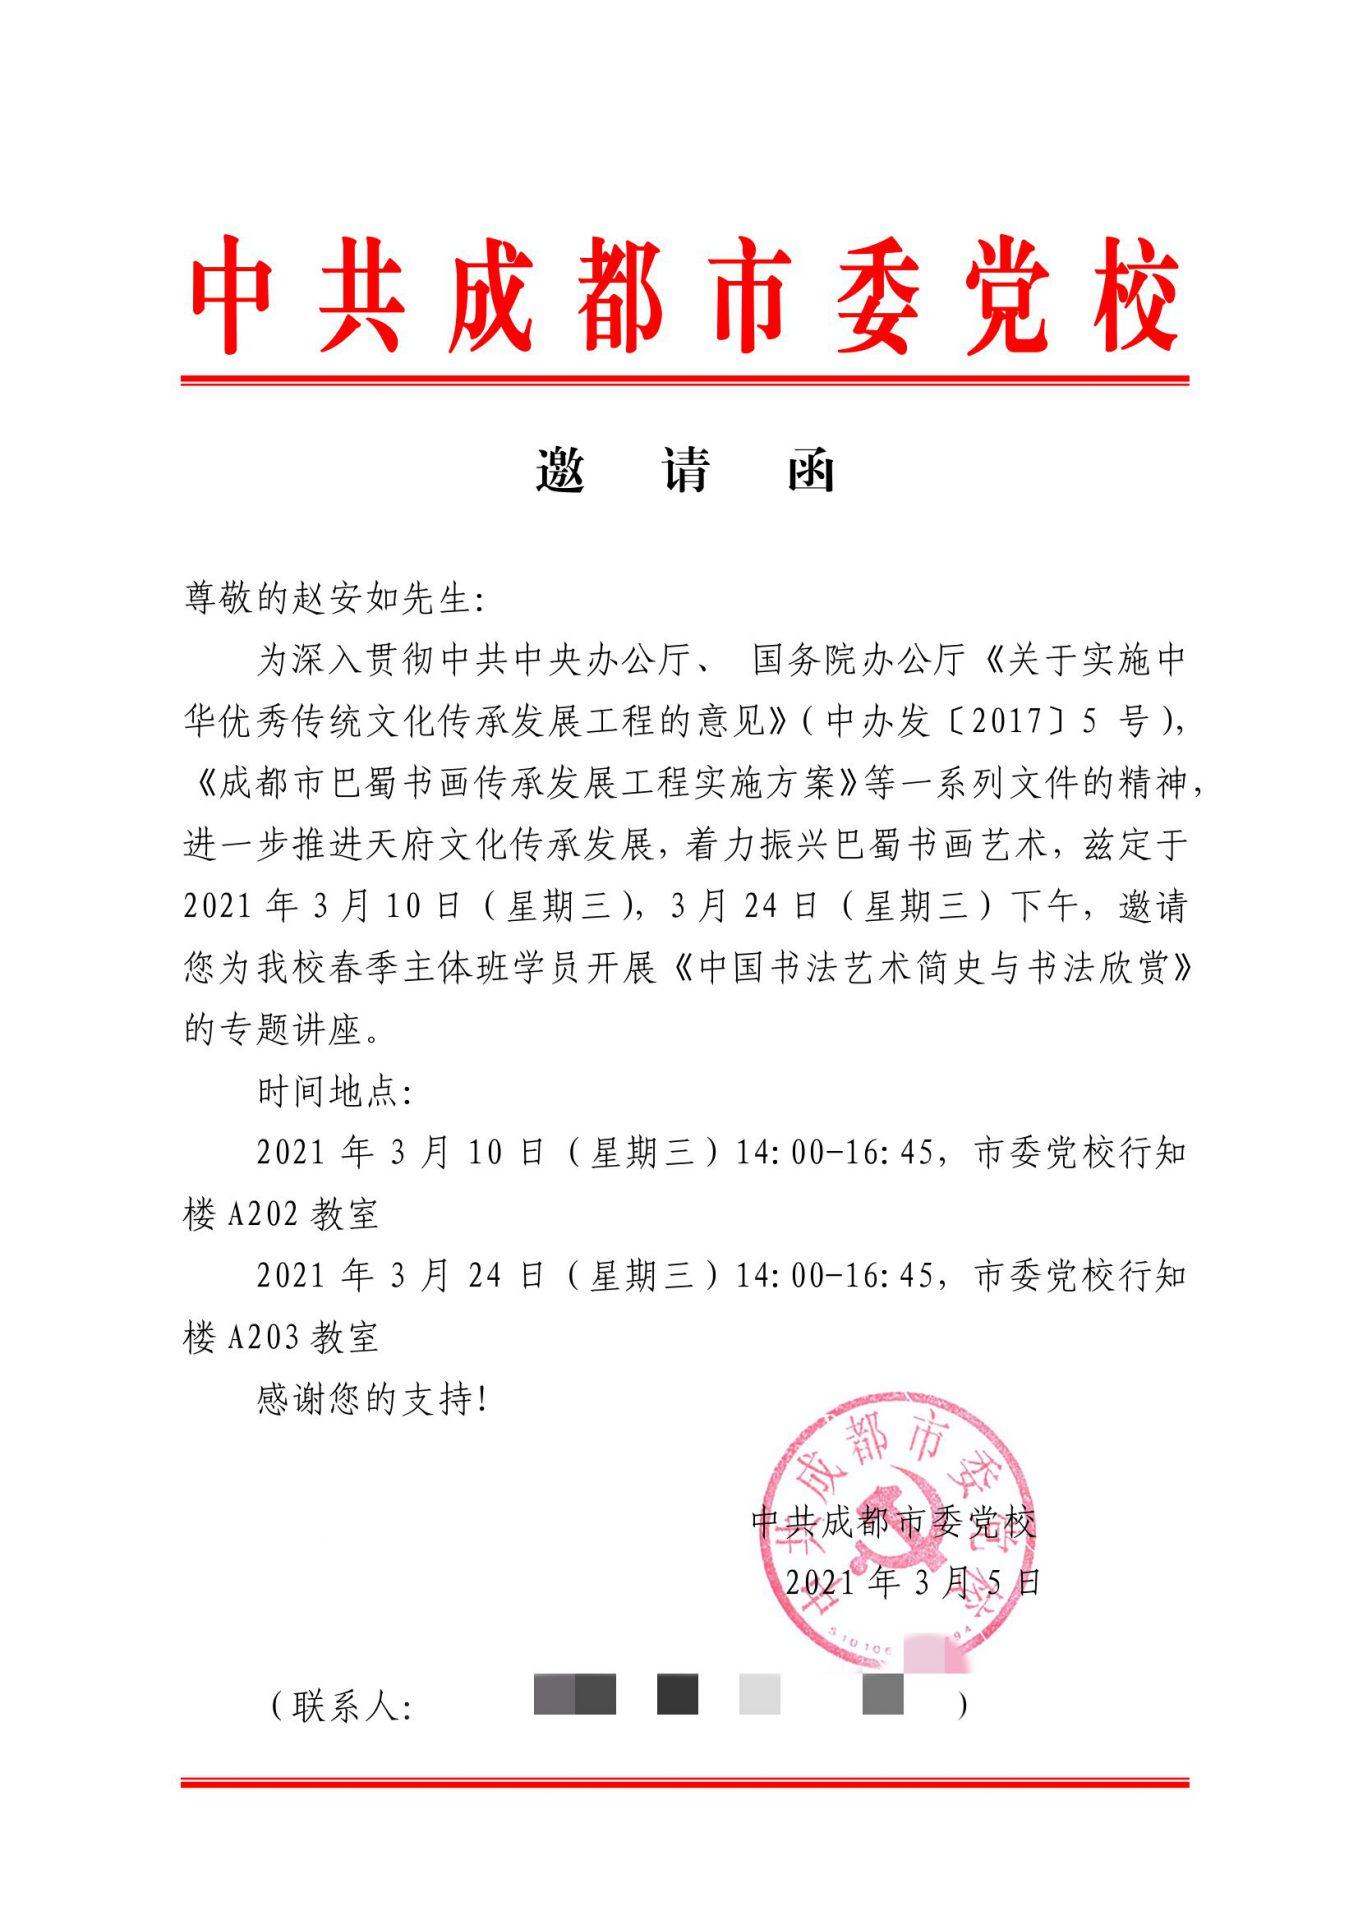 赵安如应邀赴中共成都市委党校开展书法讲座